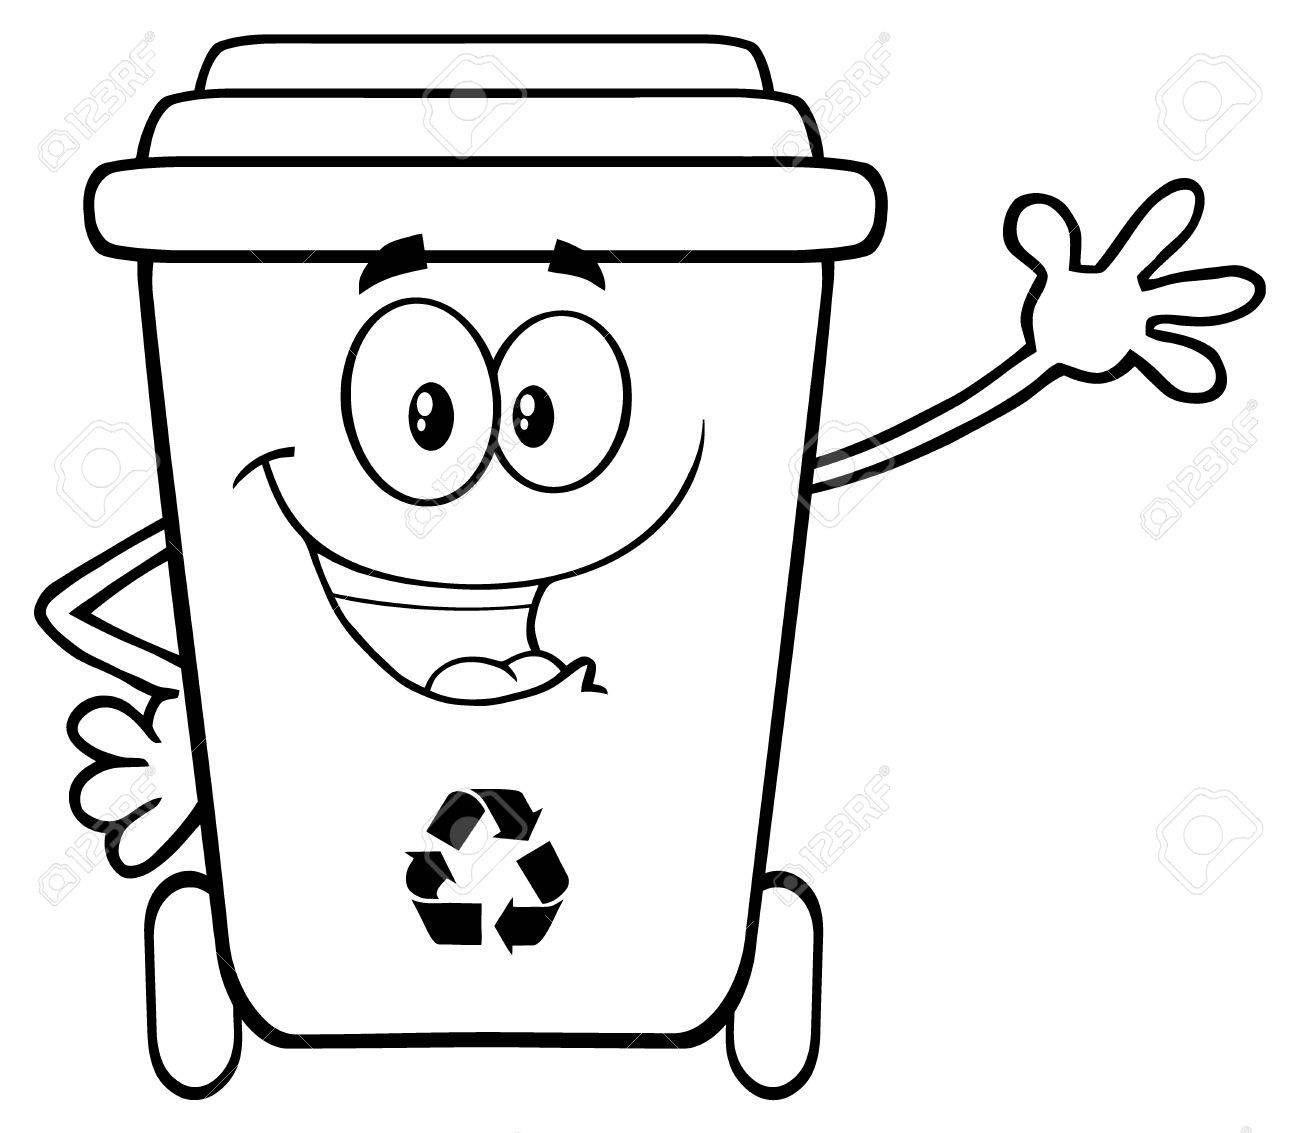 Imprimir Dibujos De Reciclaje Para Colorear Contenedor Amarillo Buscar Con Google Fuentes De Escritura Gratis Contenedores De Reciclaje Reciclaje